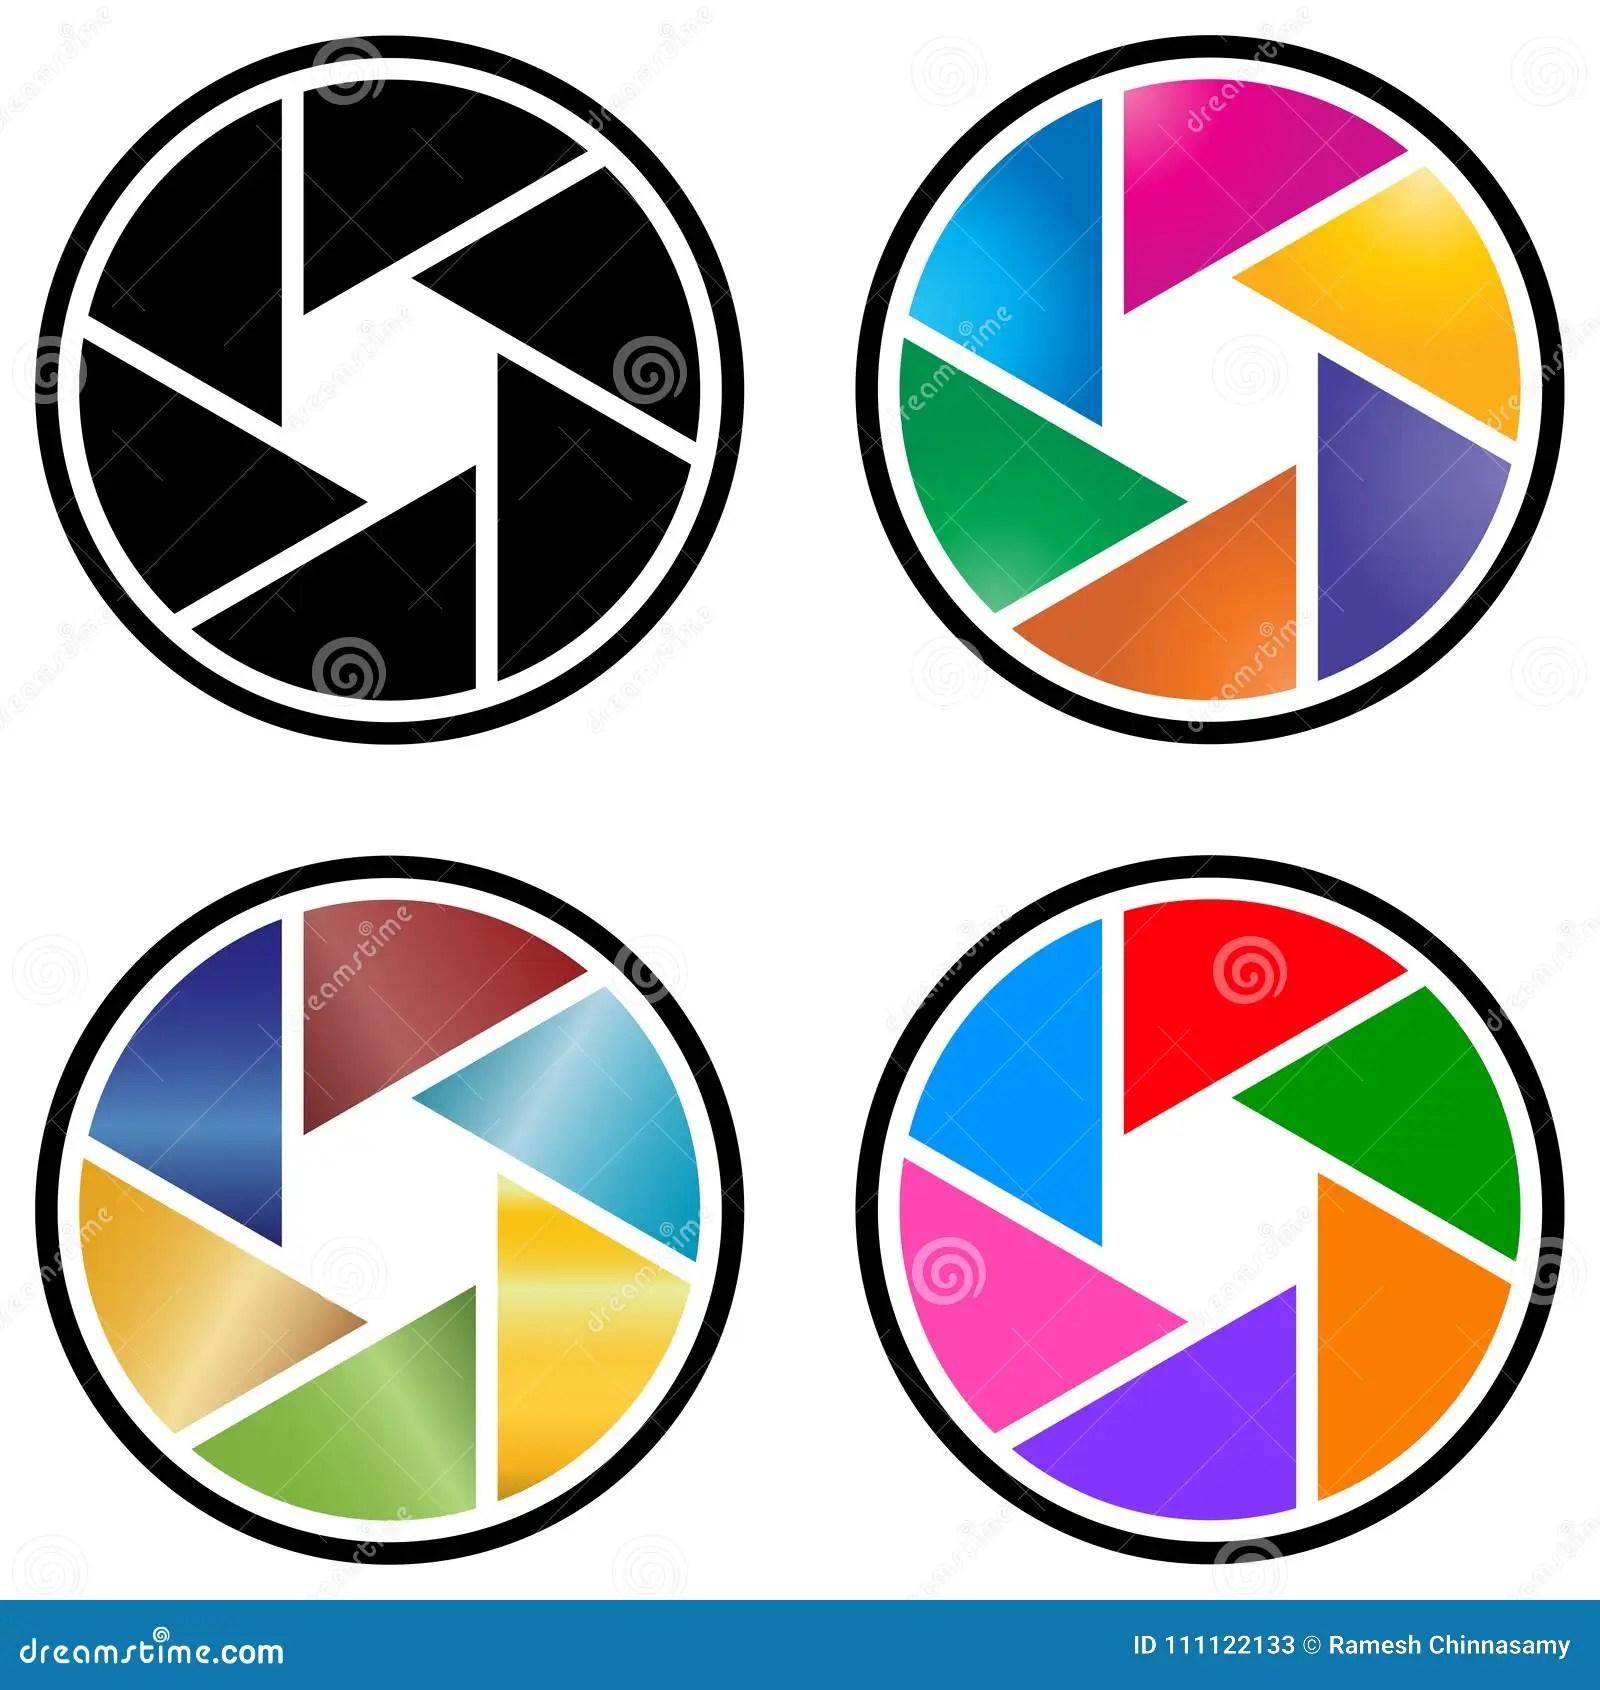 Camera Lens Logo Stock Illustrations 16 044 Camera Lens Logo Stock Illustrations Vectors Clipart Dreamstime